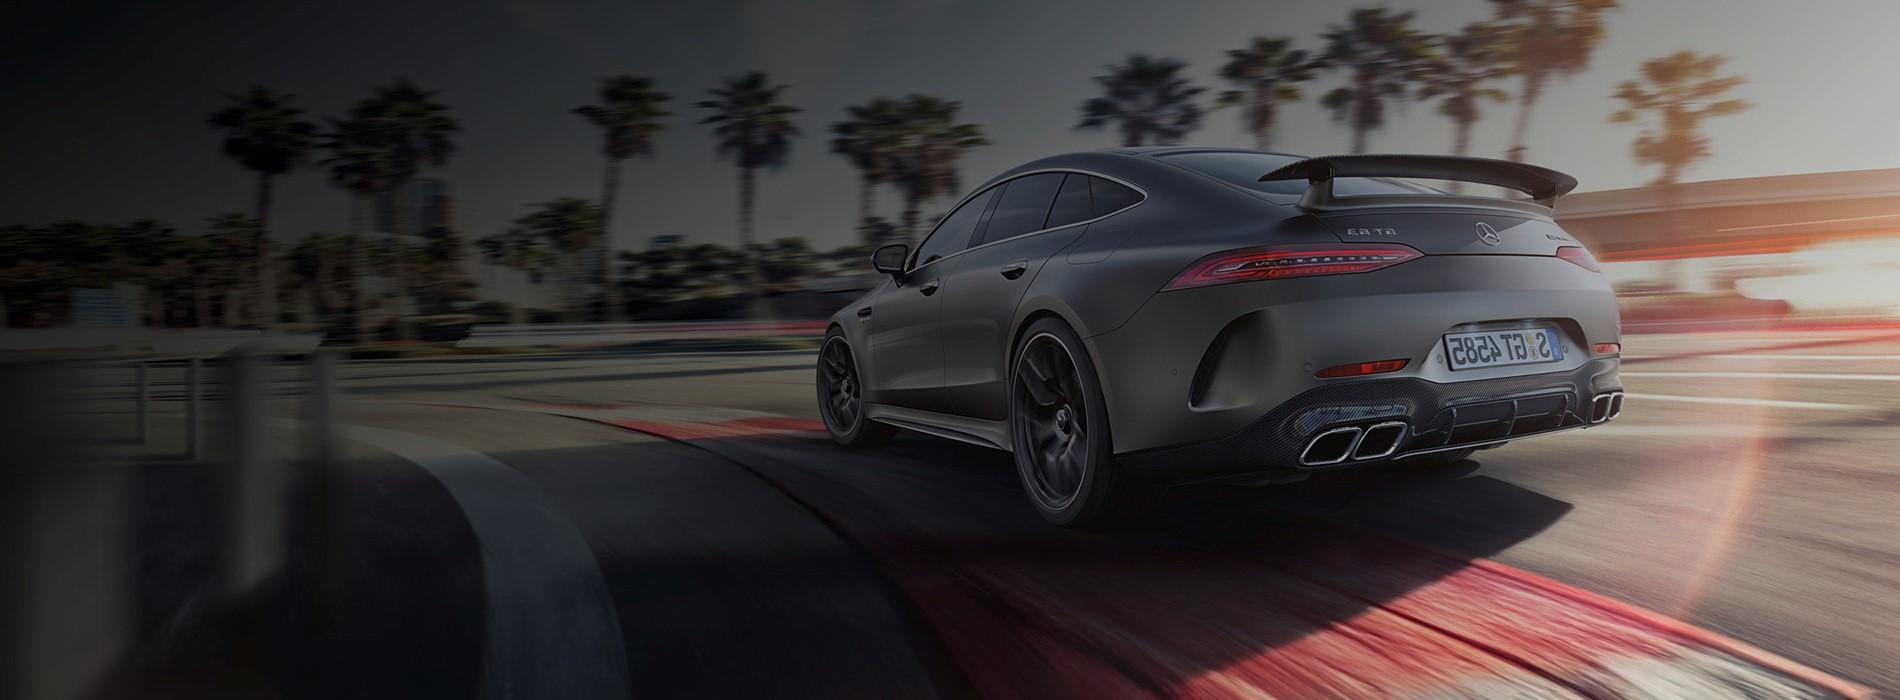 Mercedes-AMG GT 4-Door Coupé 2020